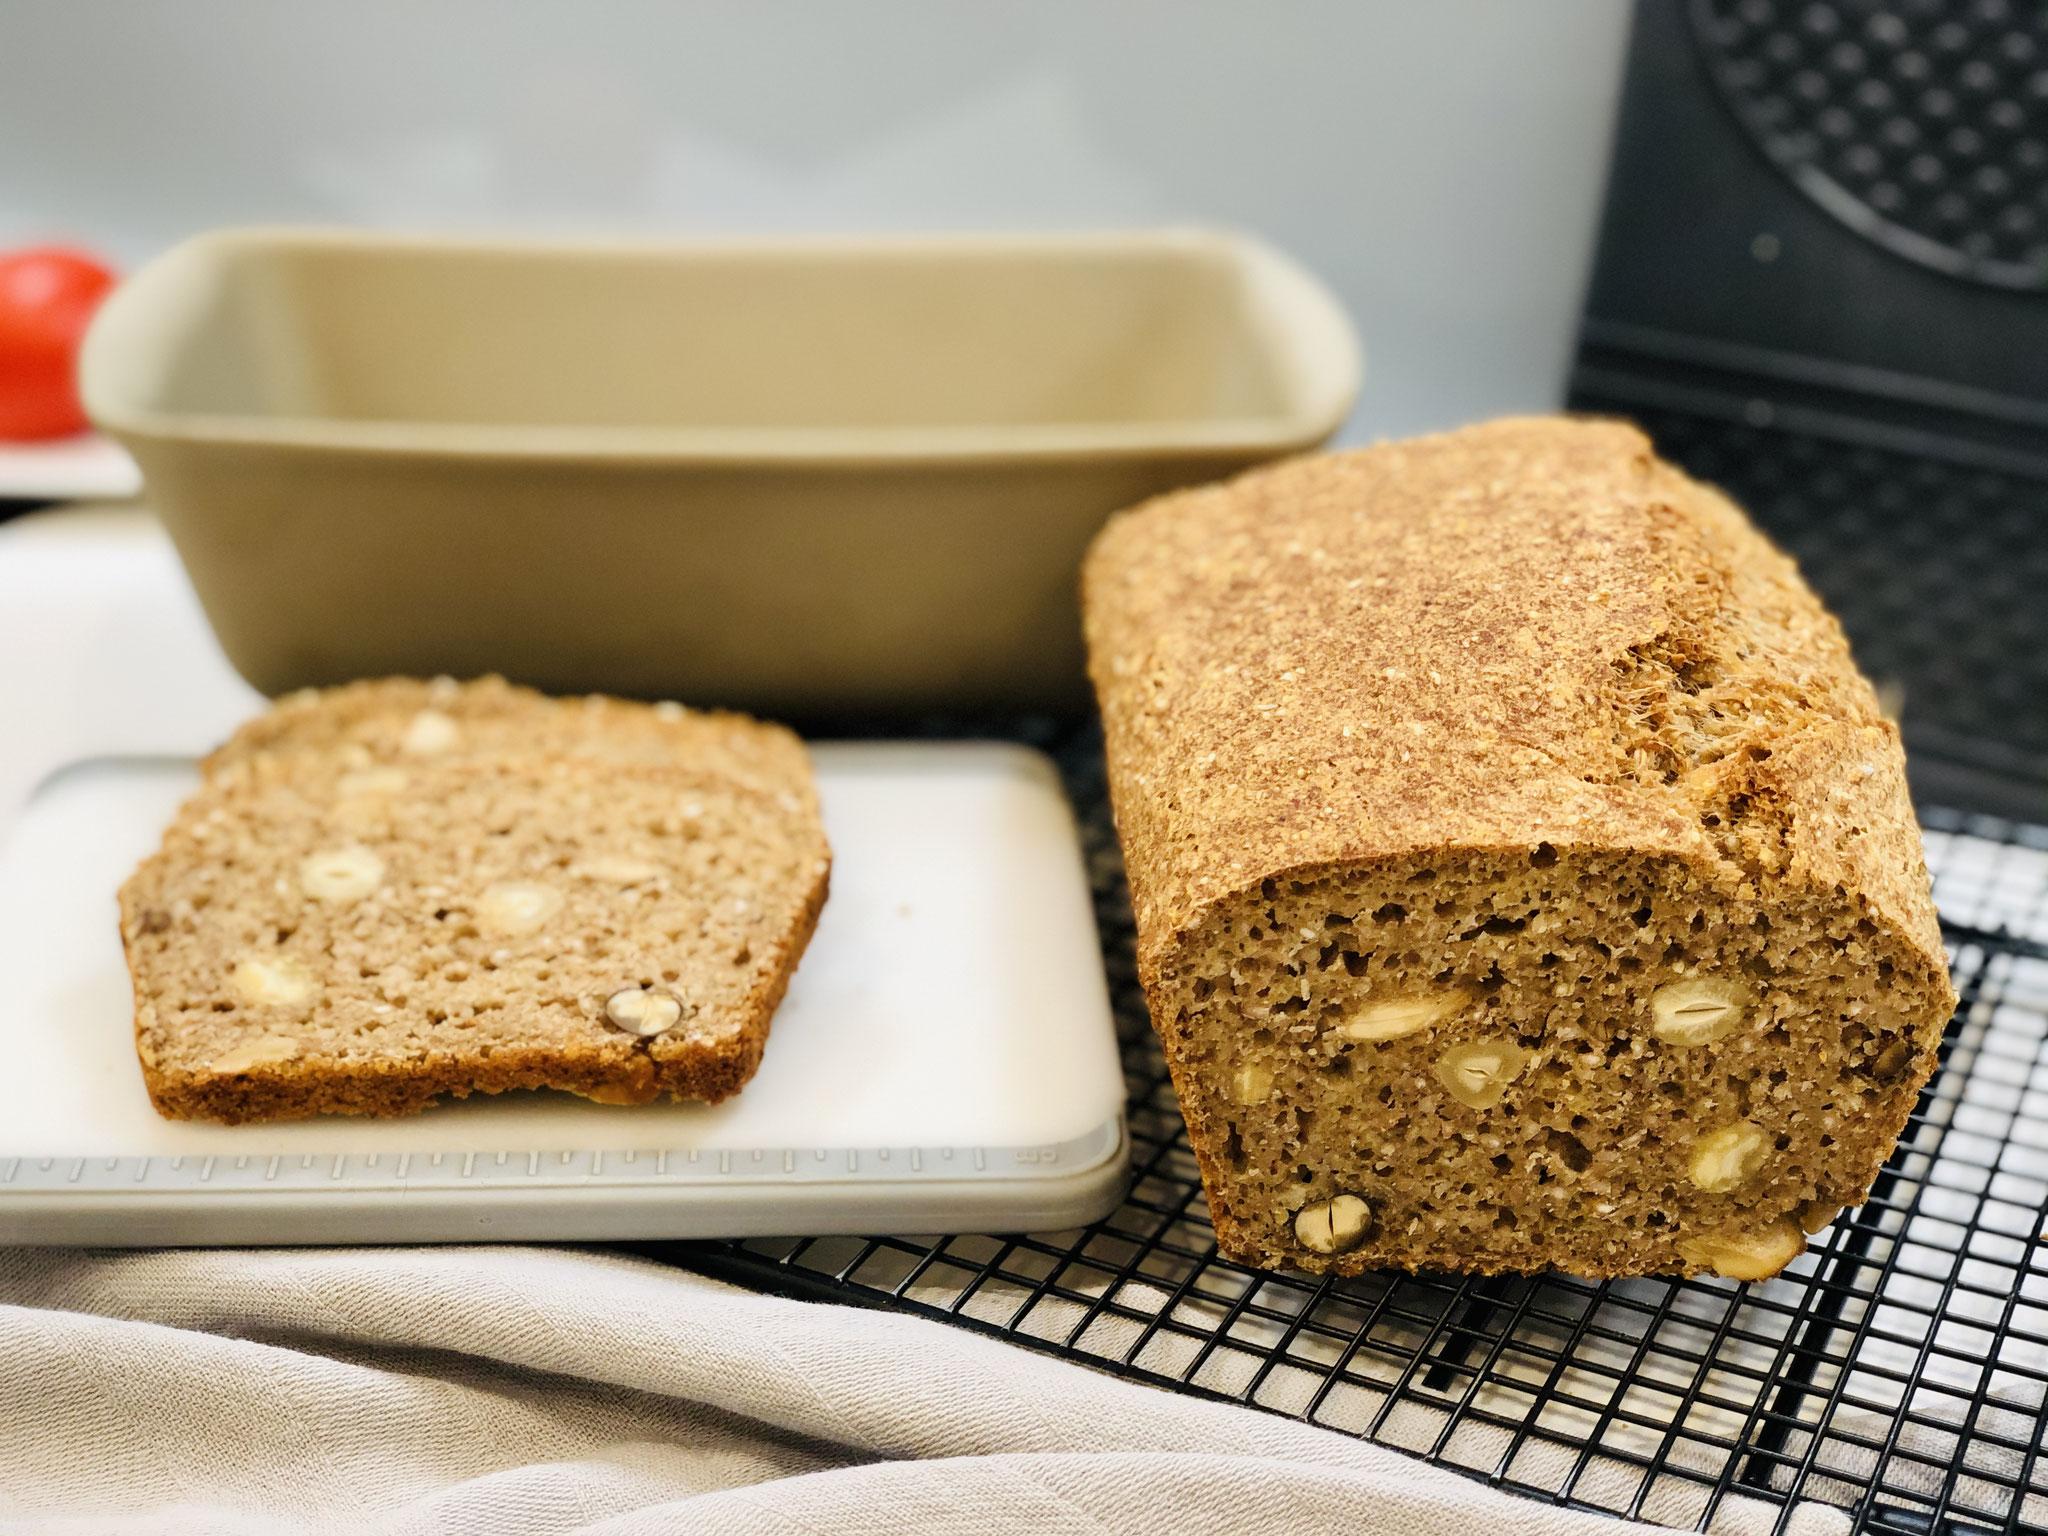 Das noch lauwarme Brot mit dem genialen Brotmesser von Pampered Chef® anschneiden und einfach nur im Brothimmel schweben ♥